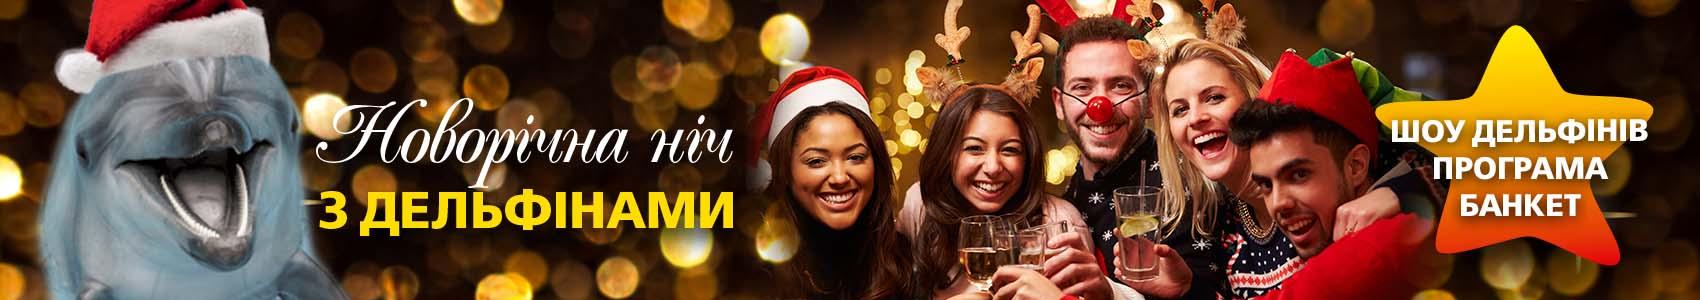 Новорічна Ніч 2020 в NEMO в RESORT & SPA HOTEL NEMO, фото № 1